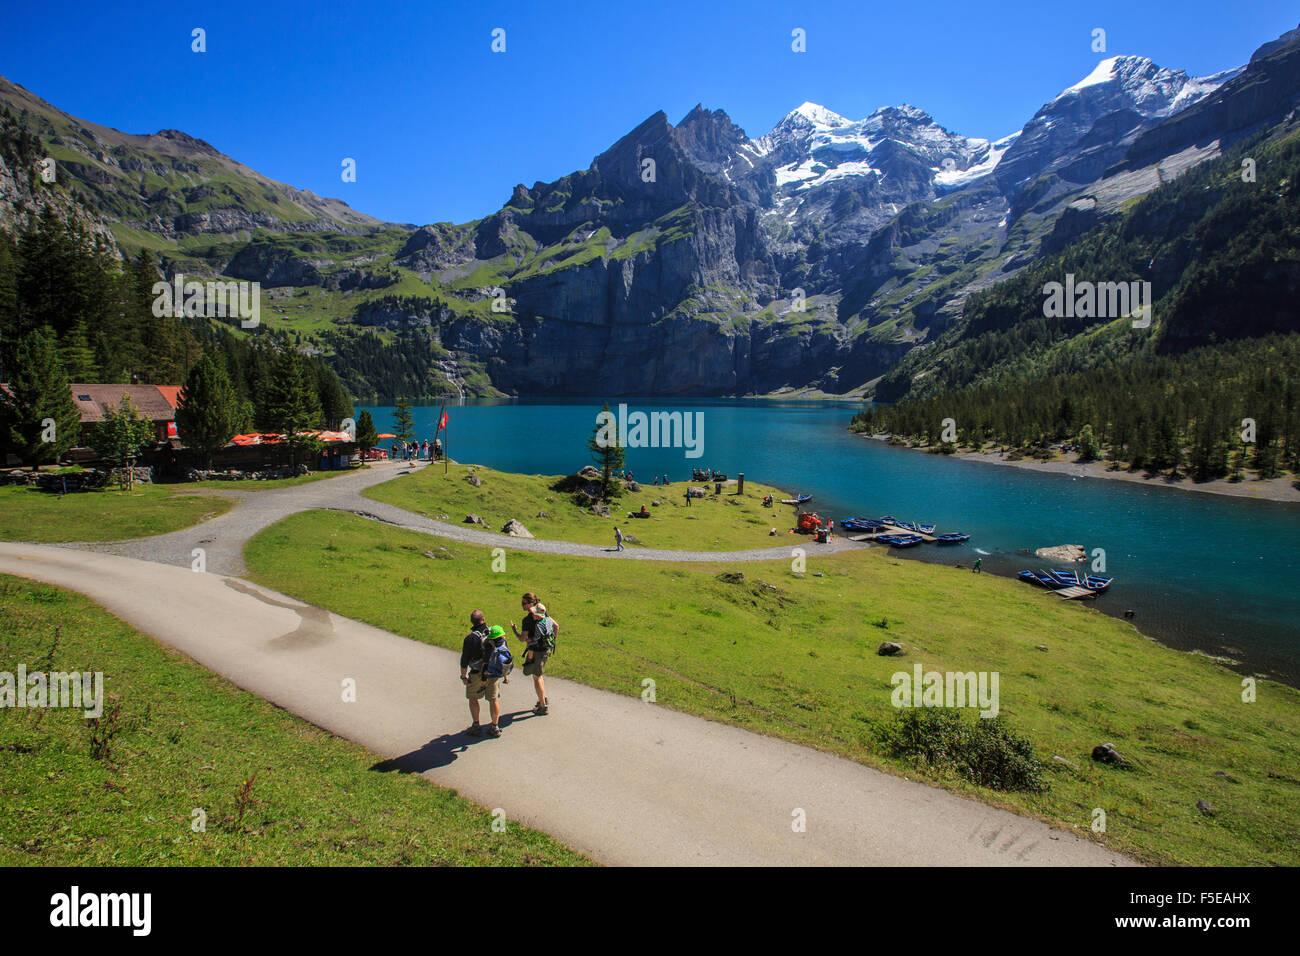 Hikers around Lake Oeschinensee, Bernese Oberland, Kandersteg, Canton of Bern, Switzerland, Europe - Stock Image